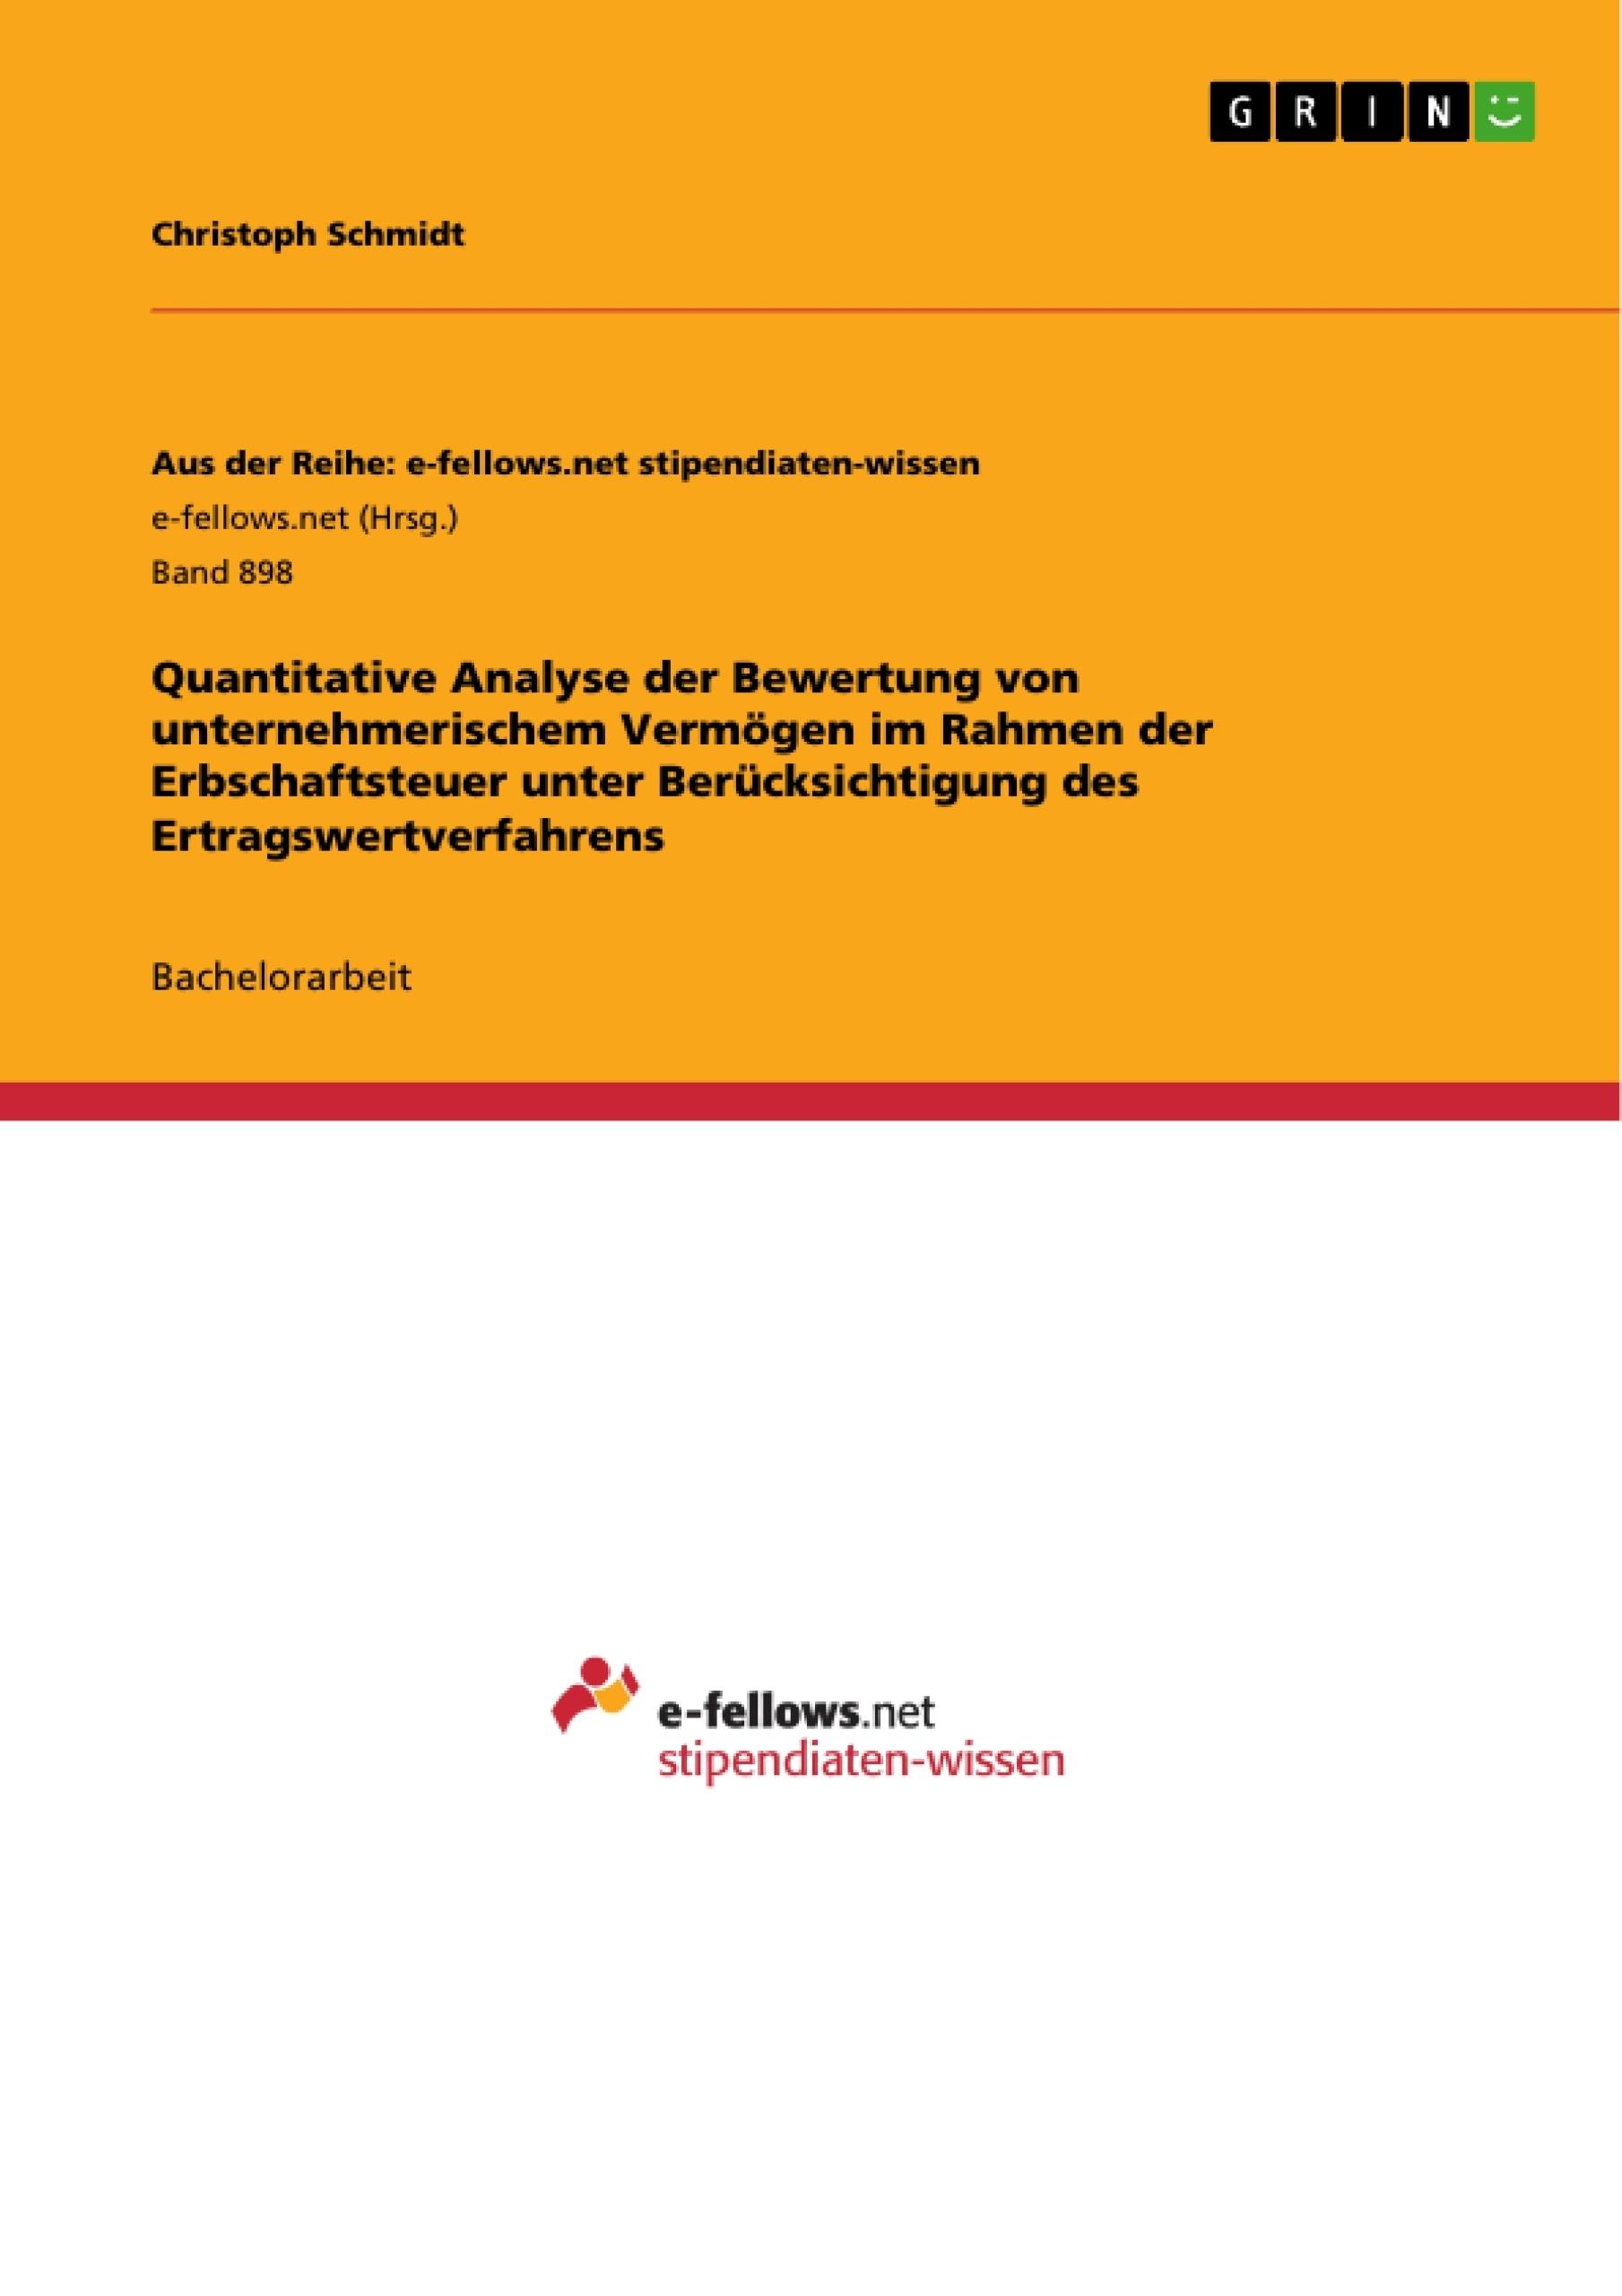 Titel: Quantitative Analyse der Bewertung von unternehmerischem Vermögen im Rahmen der Erbschaftsteuer unter Berücksichtigung des Ertragswertverfahrens